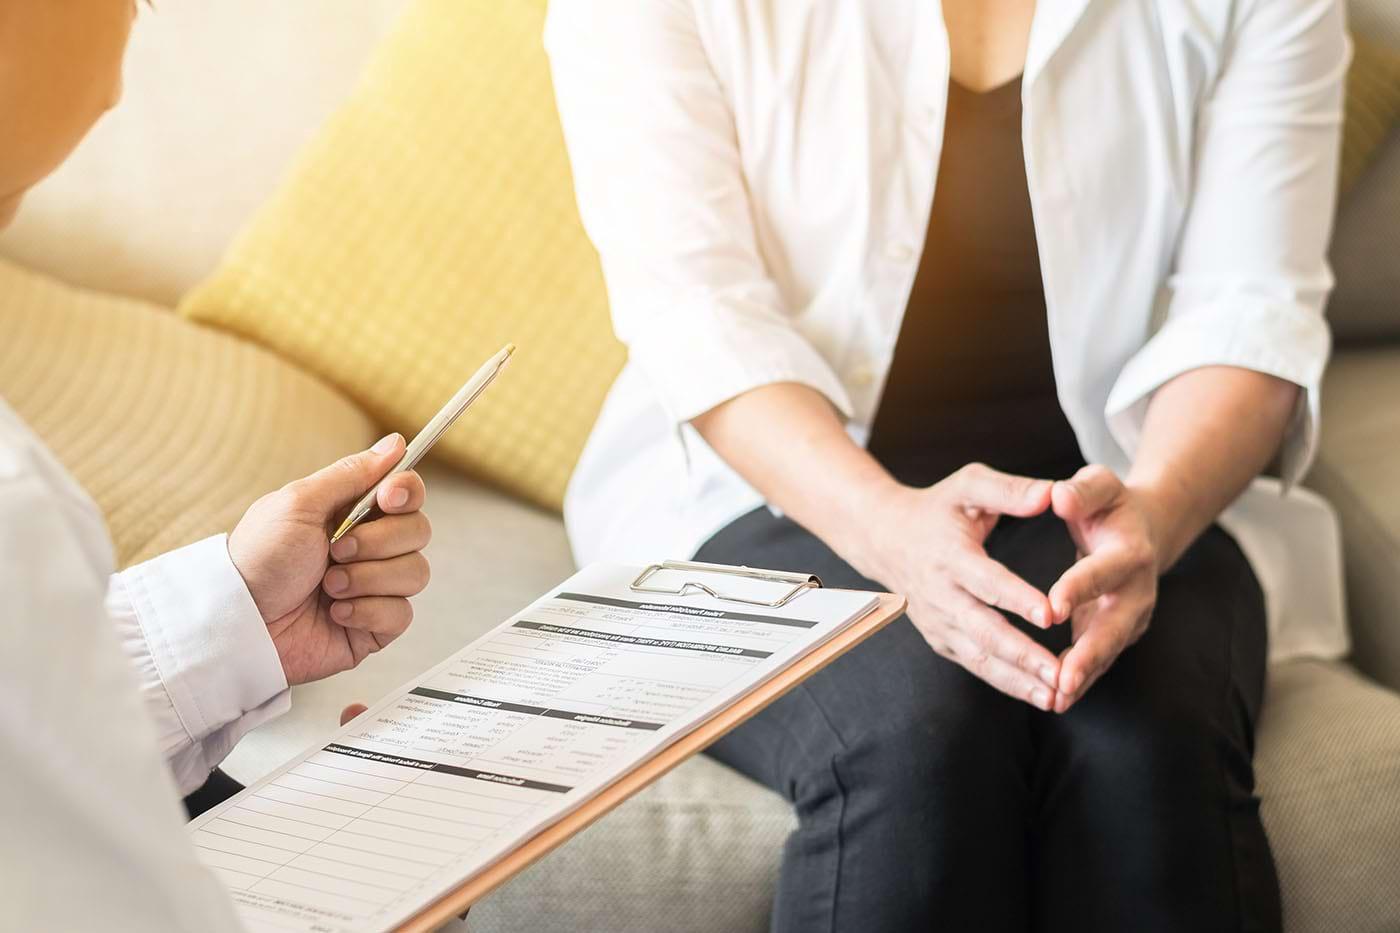 Sângerările după menopauză - motiv de îngrijorare?